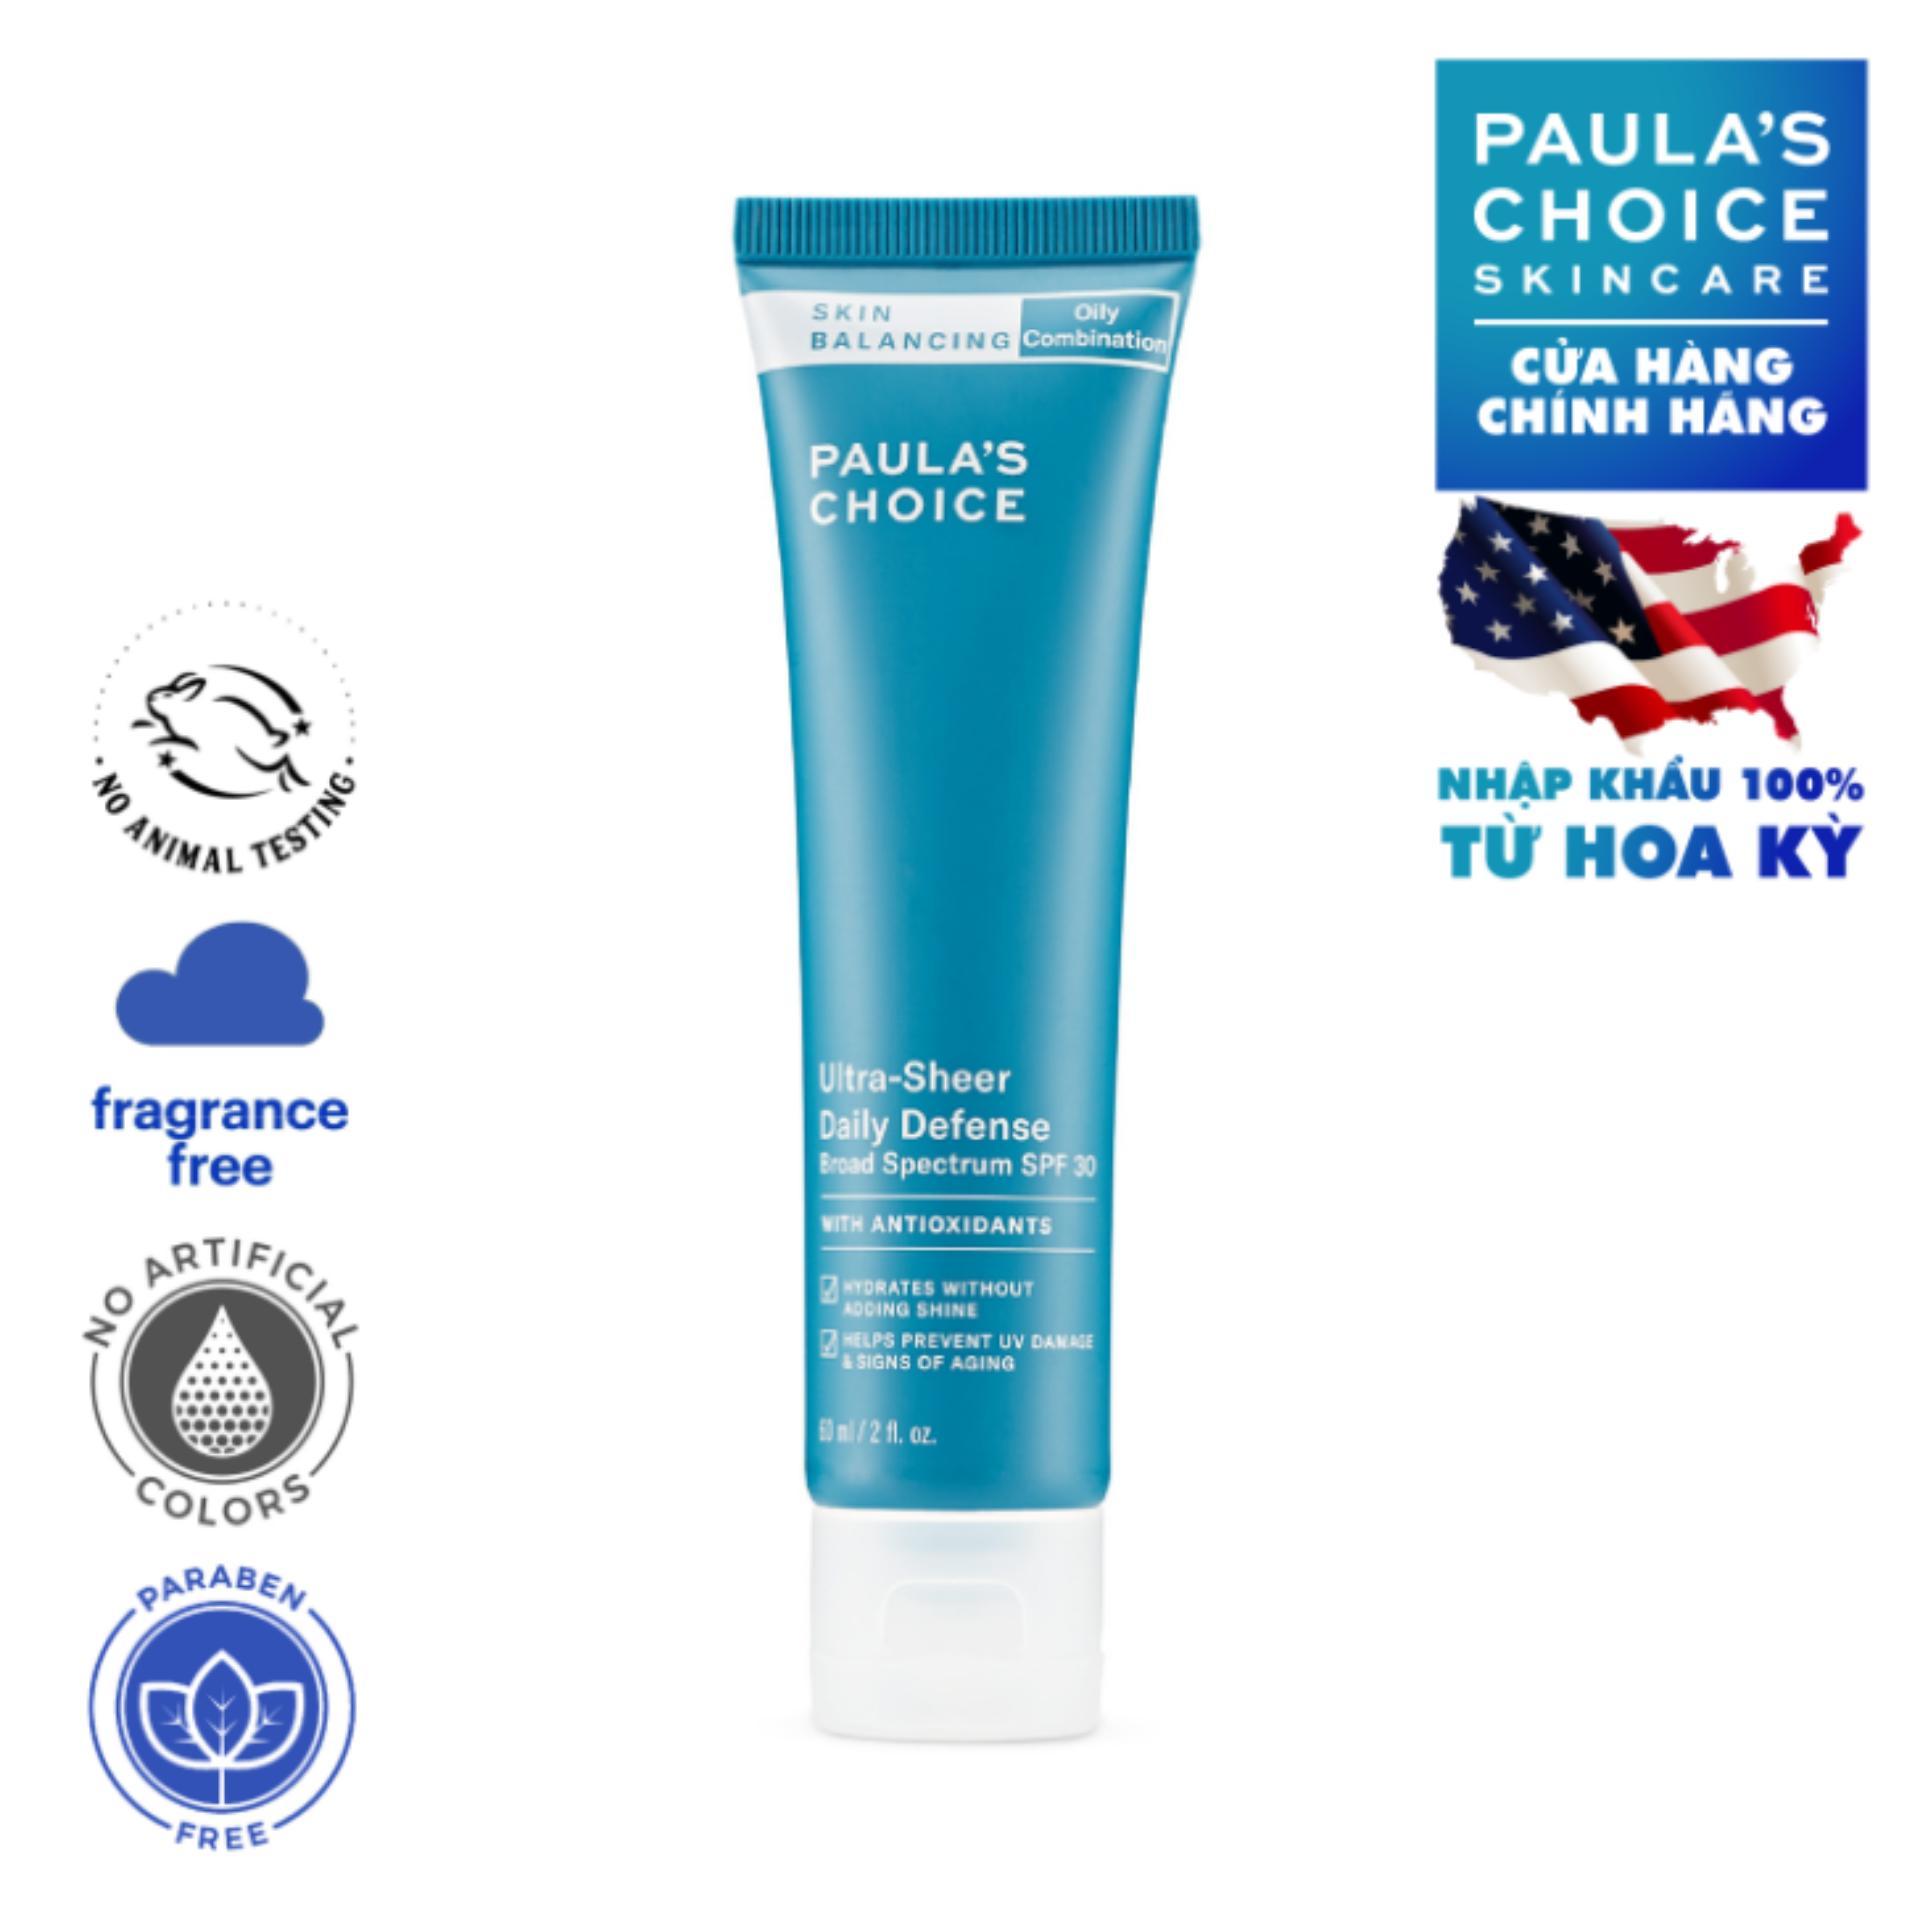 Kem Dưỡng Ban Ngày Siêu Bảo Vệ Và Cân Bằng Da Paula's Choice Skin Balancing Ultra - Sheer Daily Defence SPF 30 - 60ml tốt nhất